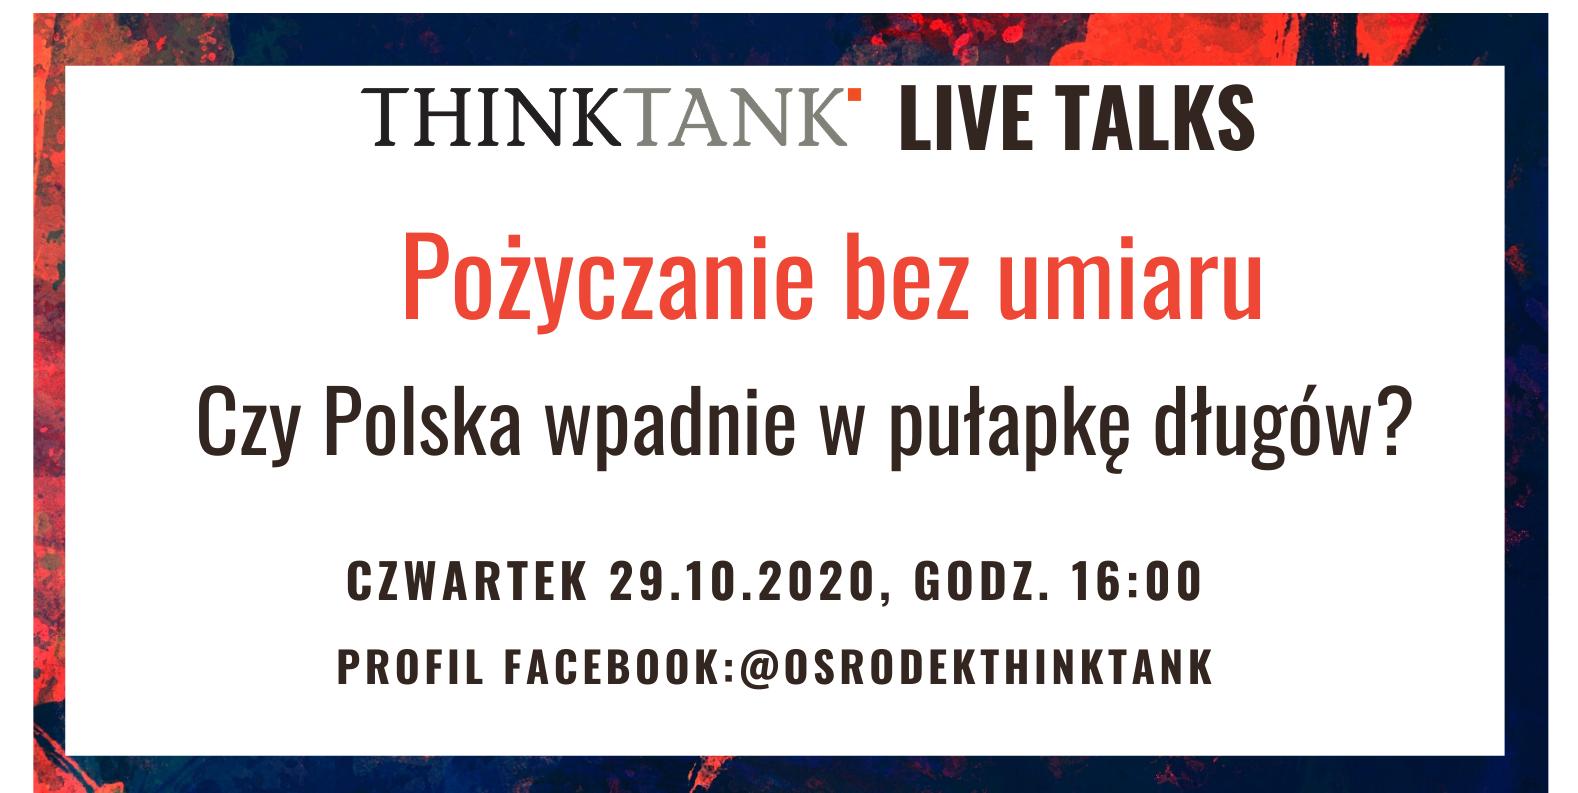 THINKTANK LIVE TALKS: Pożyczanie bez umiaru. Czy Polska wpadnie w pułapkę długów?